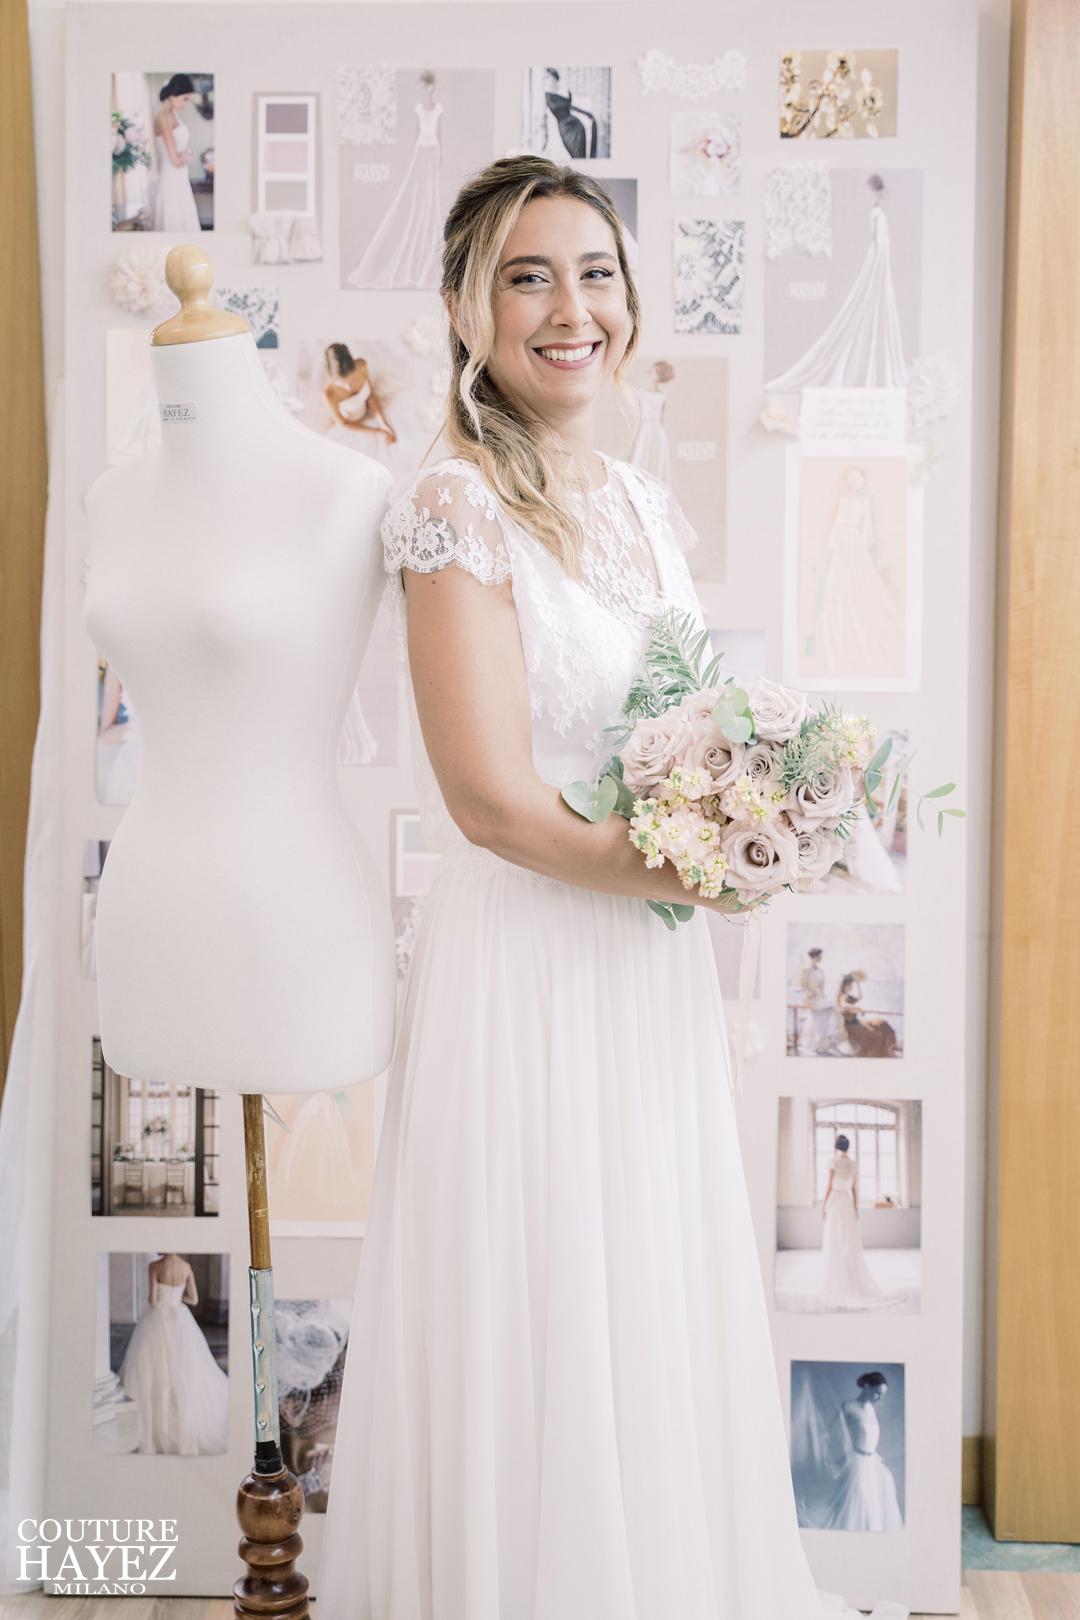 le spose di couture hayez in atelier, spose vere in atelier , atelier sposa milano